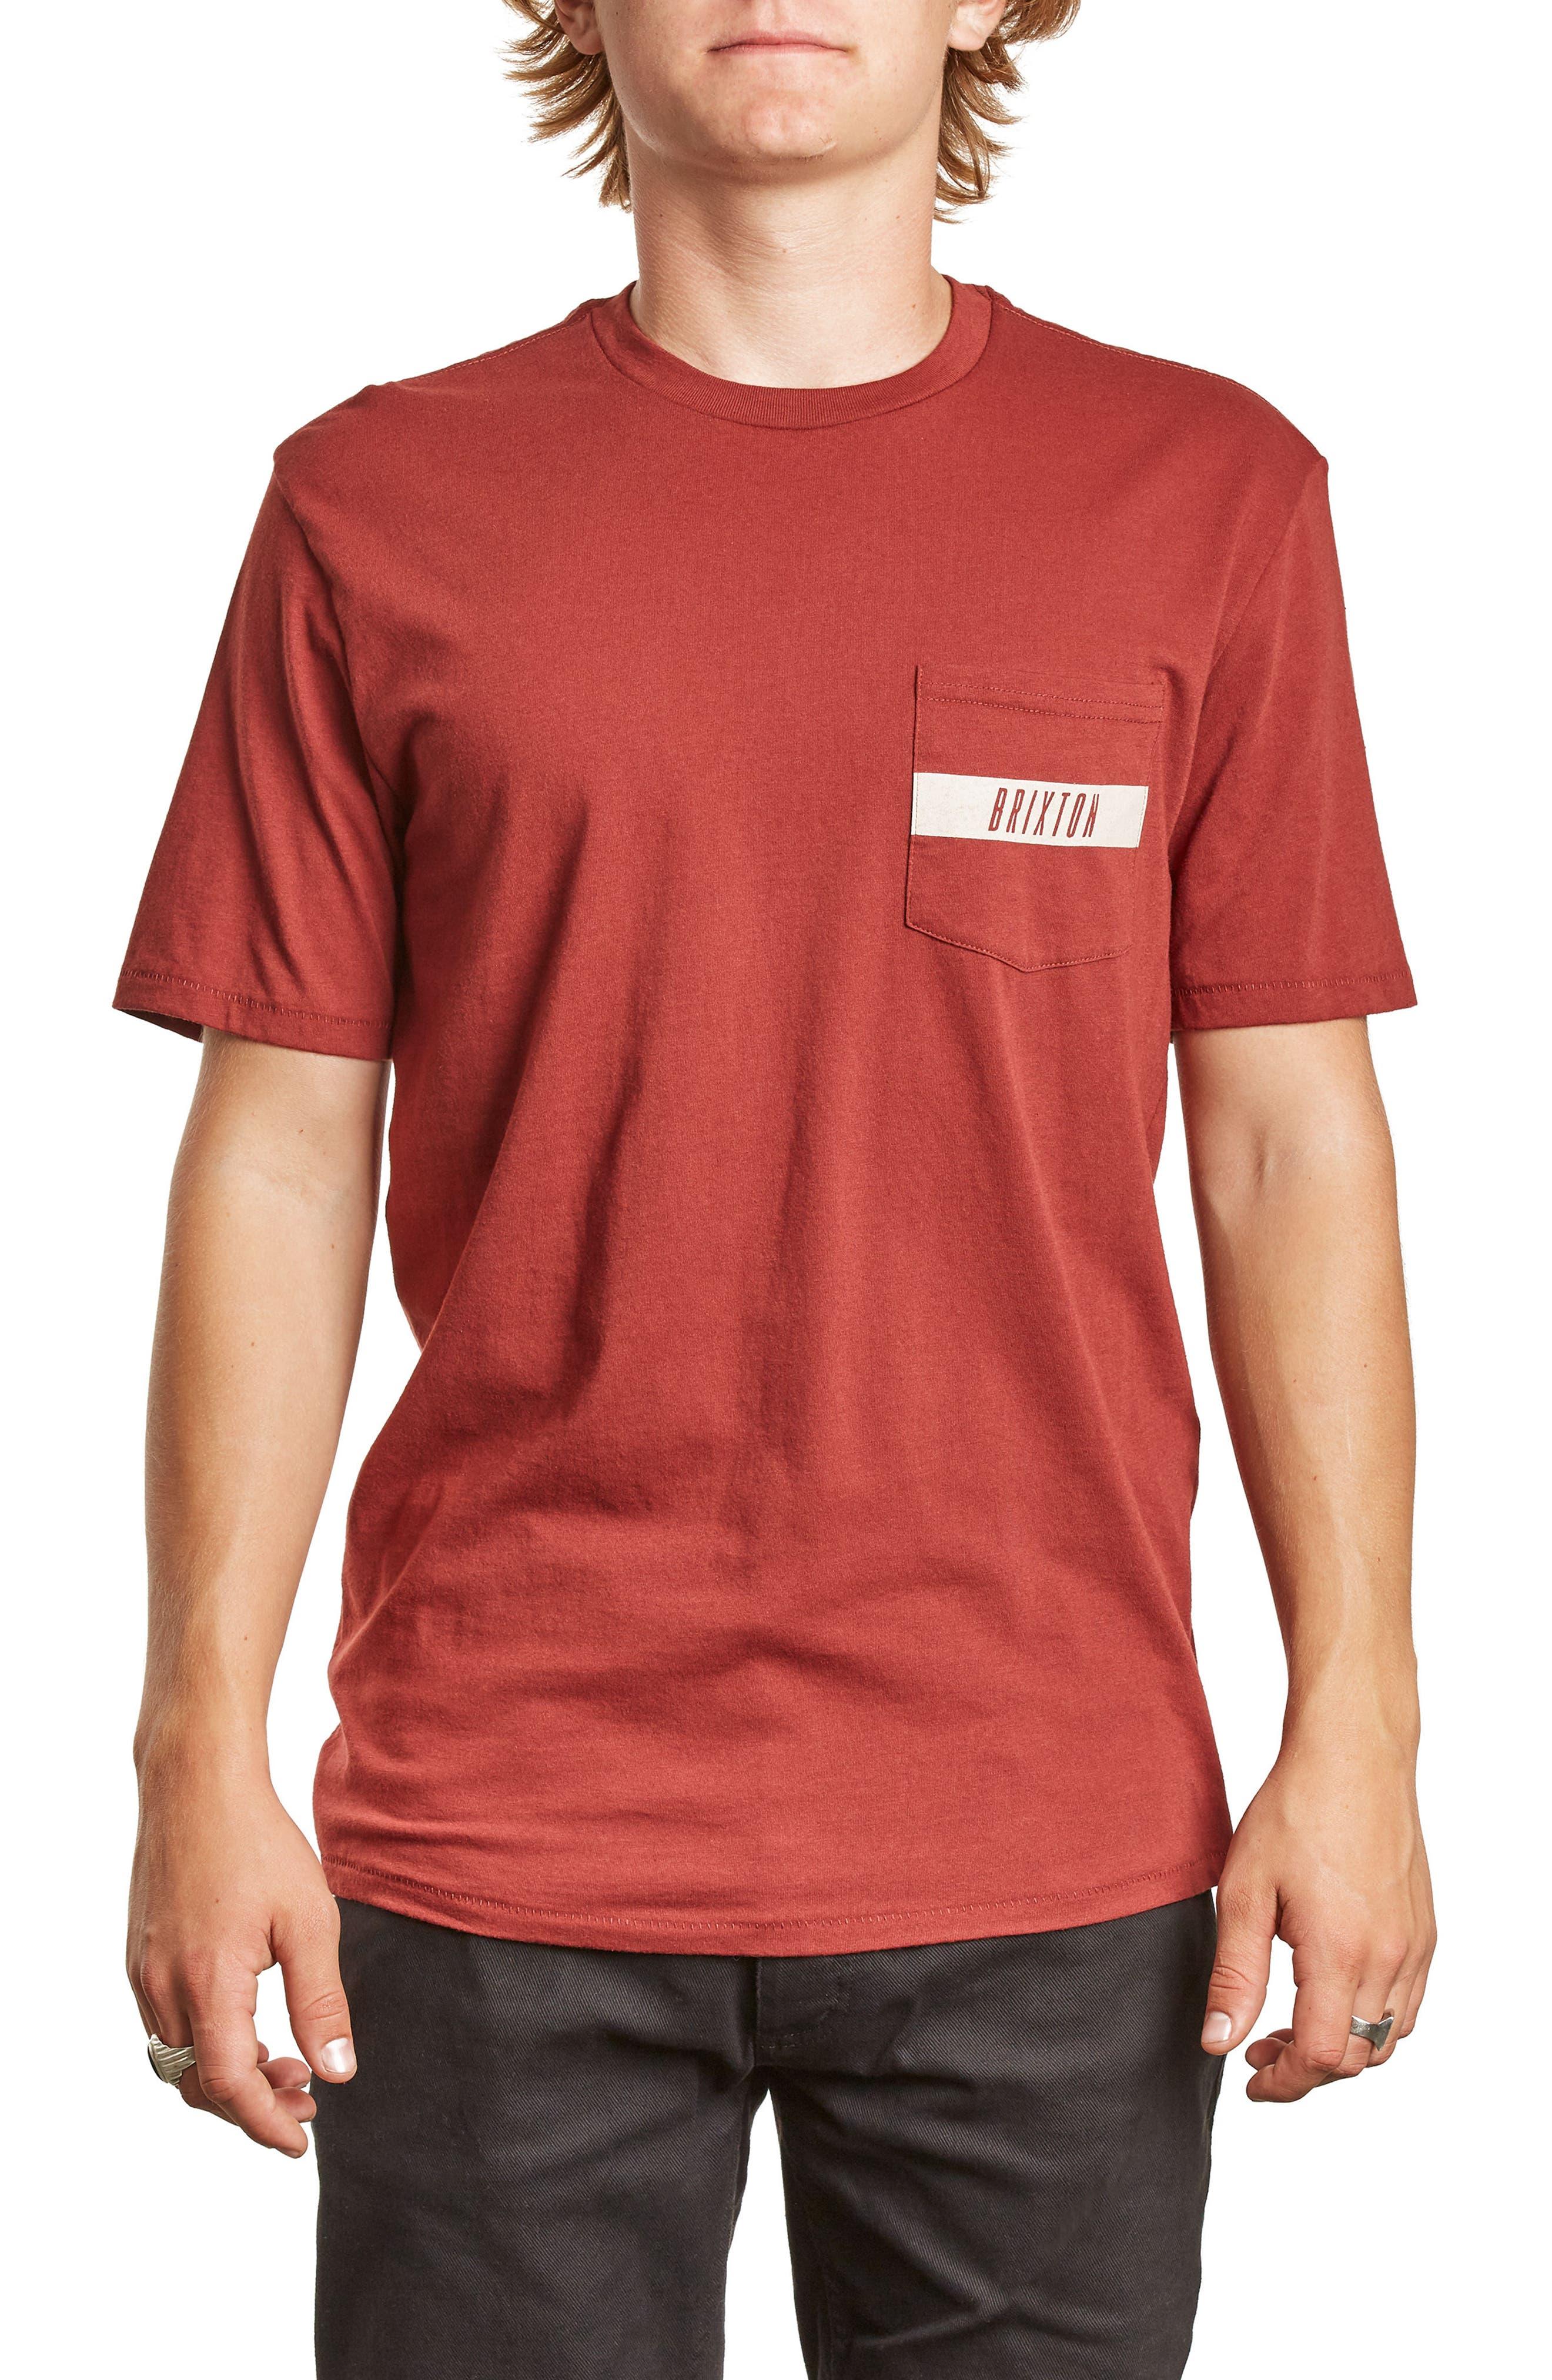 Main Image - Brixton Tract Pocket T-Shirt